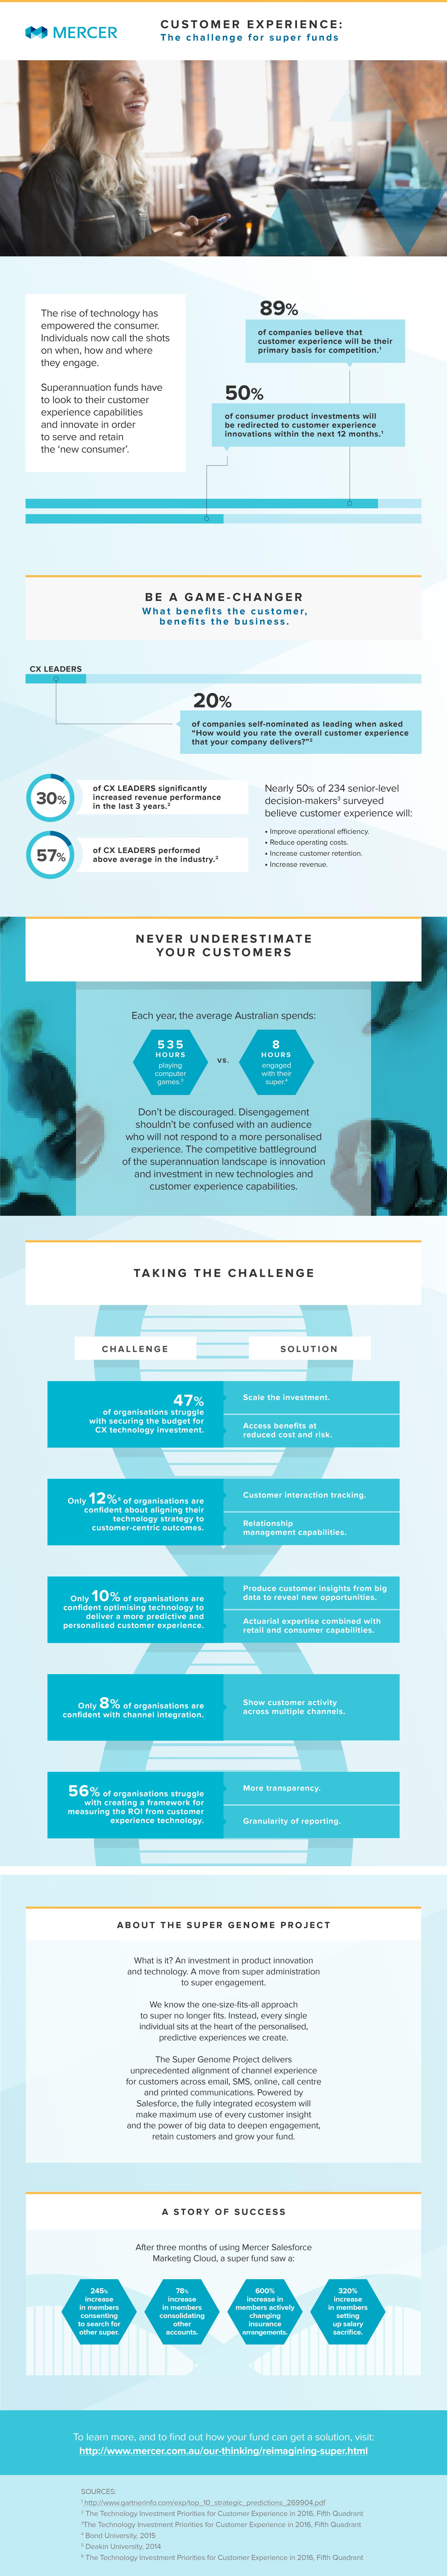 Infographic_Mercer-01.jpg